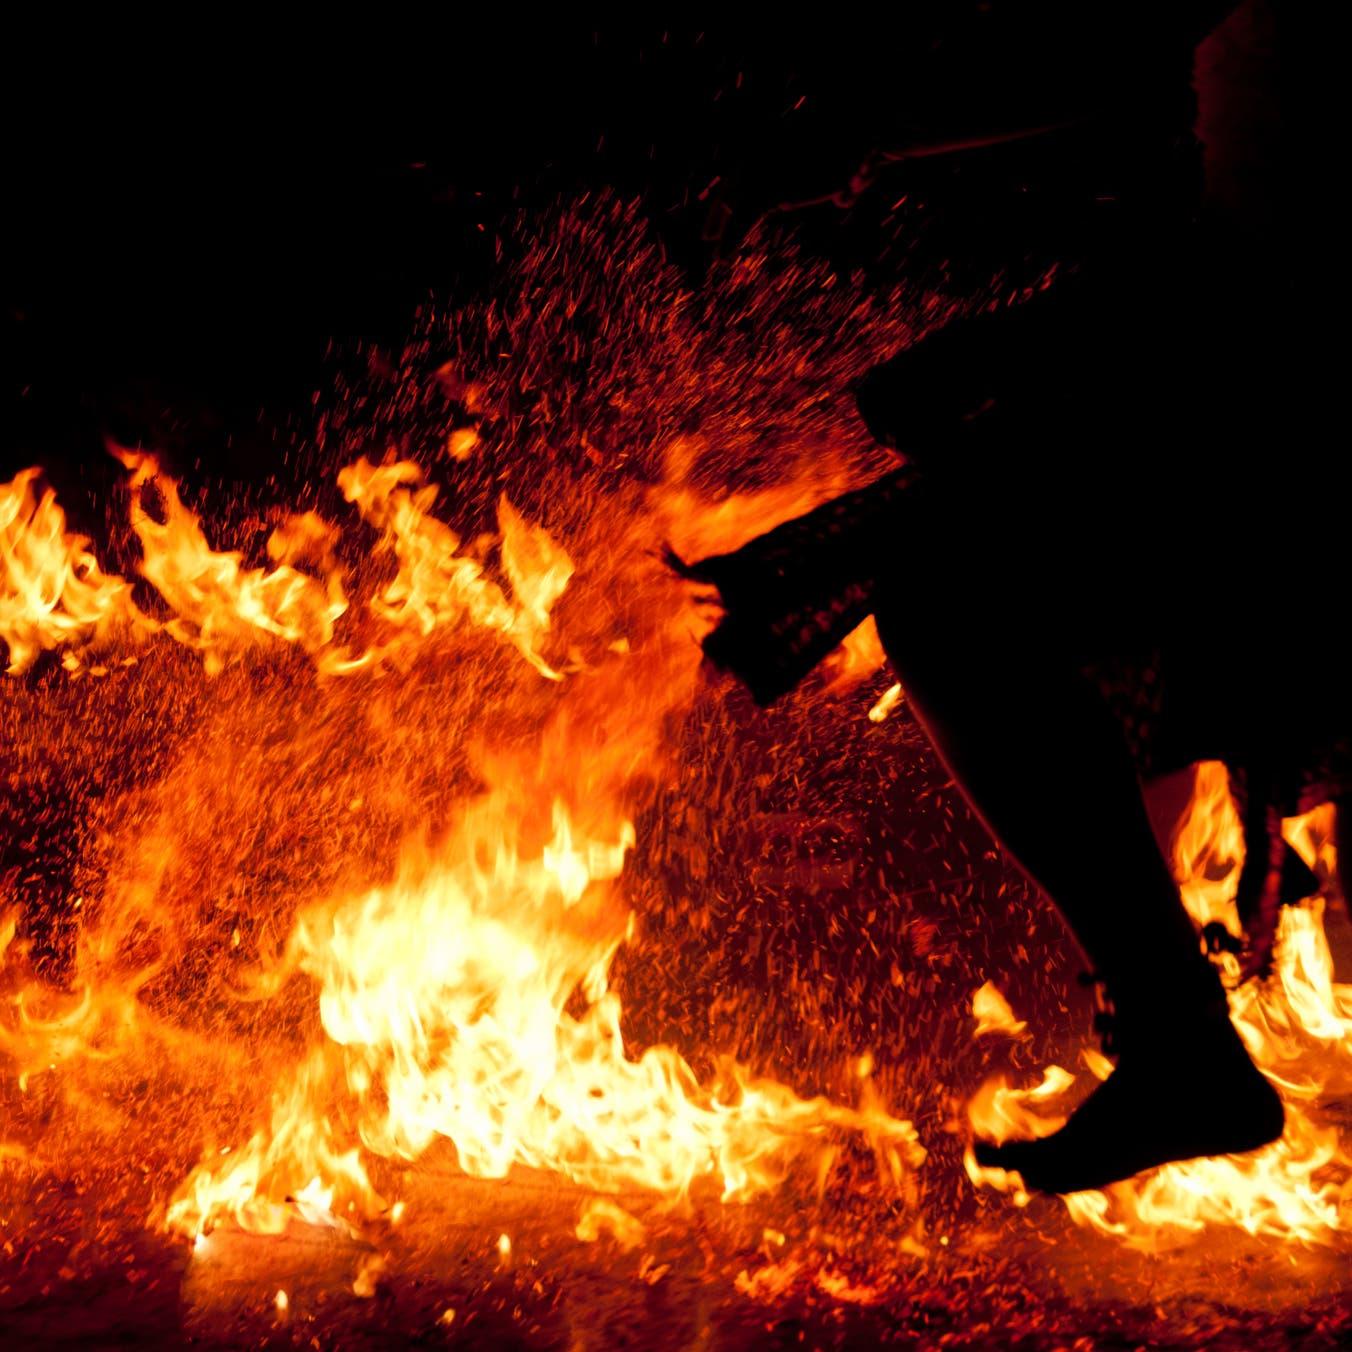 أشعلوا النار بجثته وسرقوا منزله.. جريمة بشعة في مصر